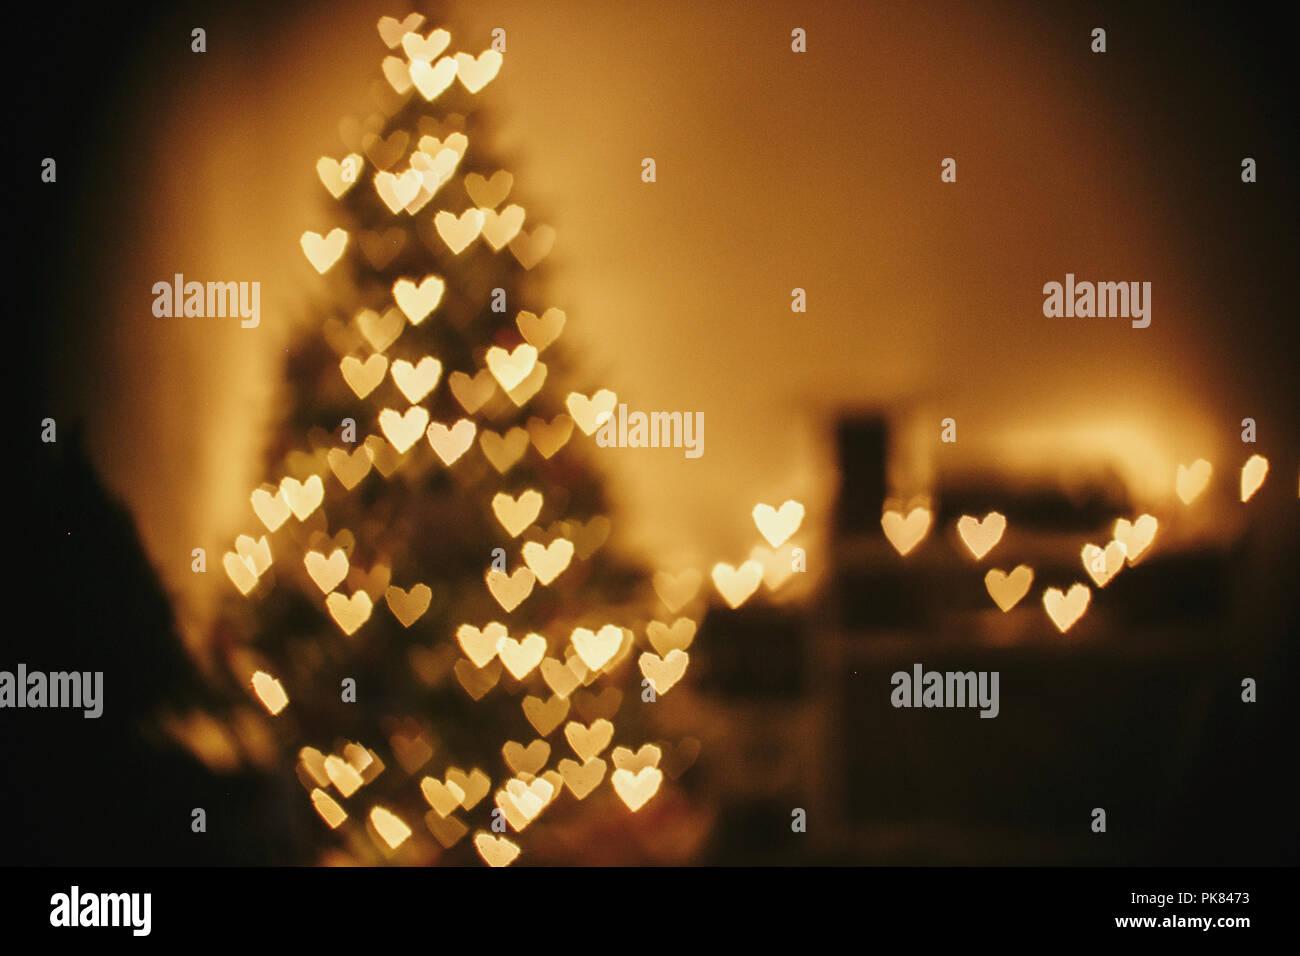 Natale sfondo astratto bellissimo albero di natale luci d oro